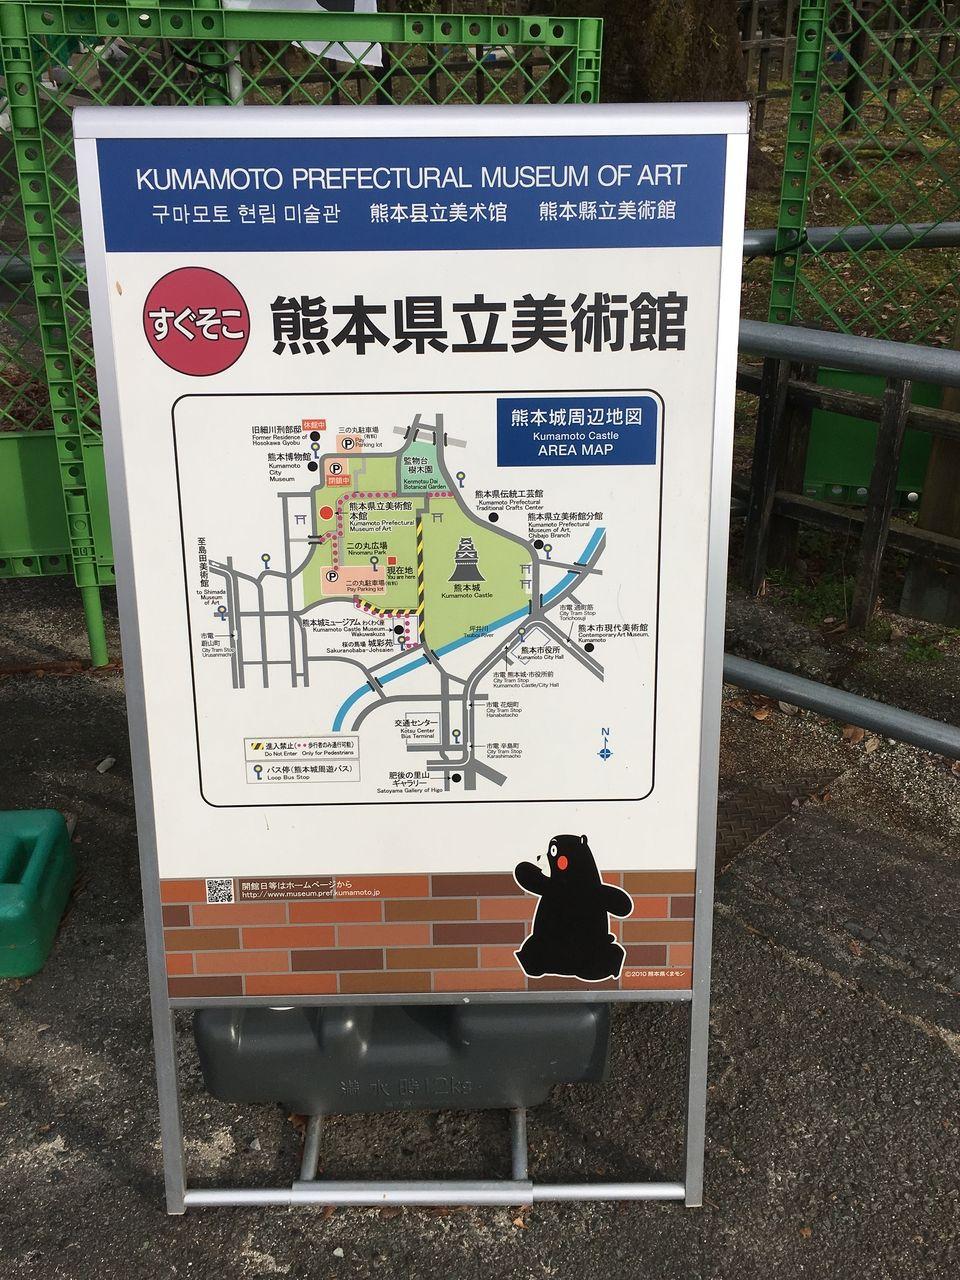 熊本県立美術館の案内看板